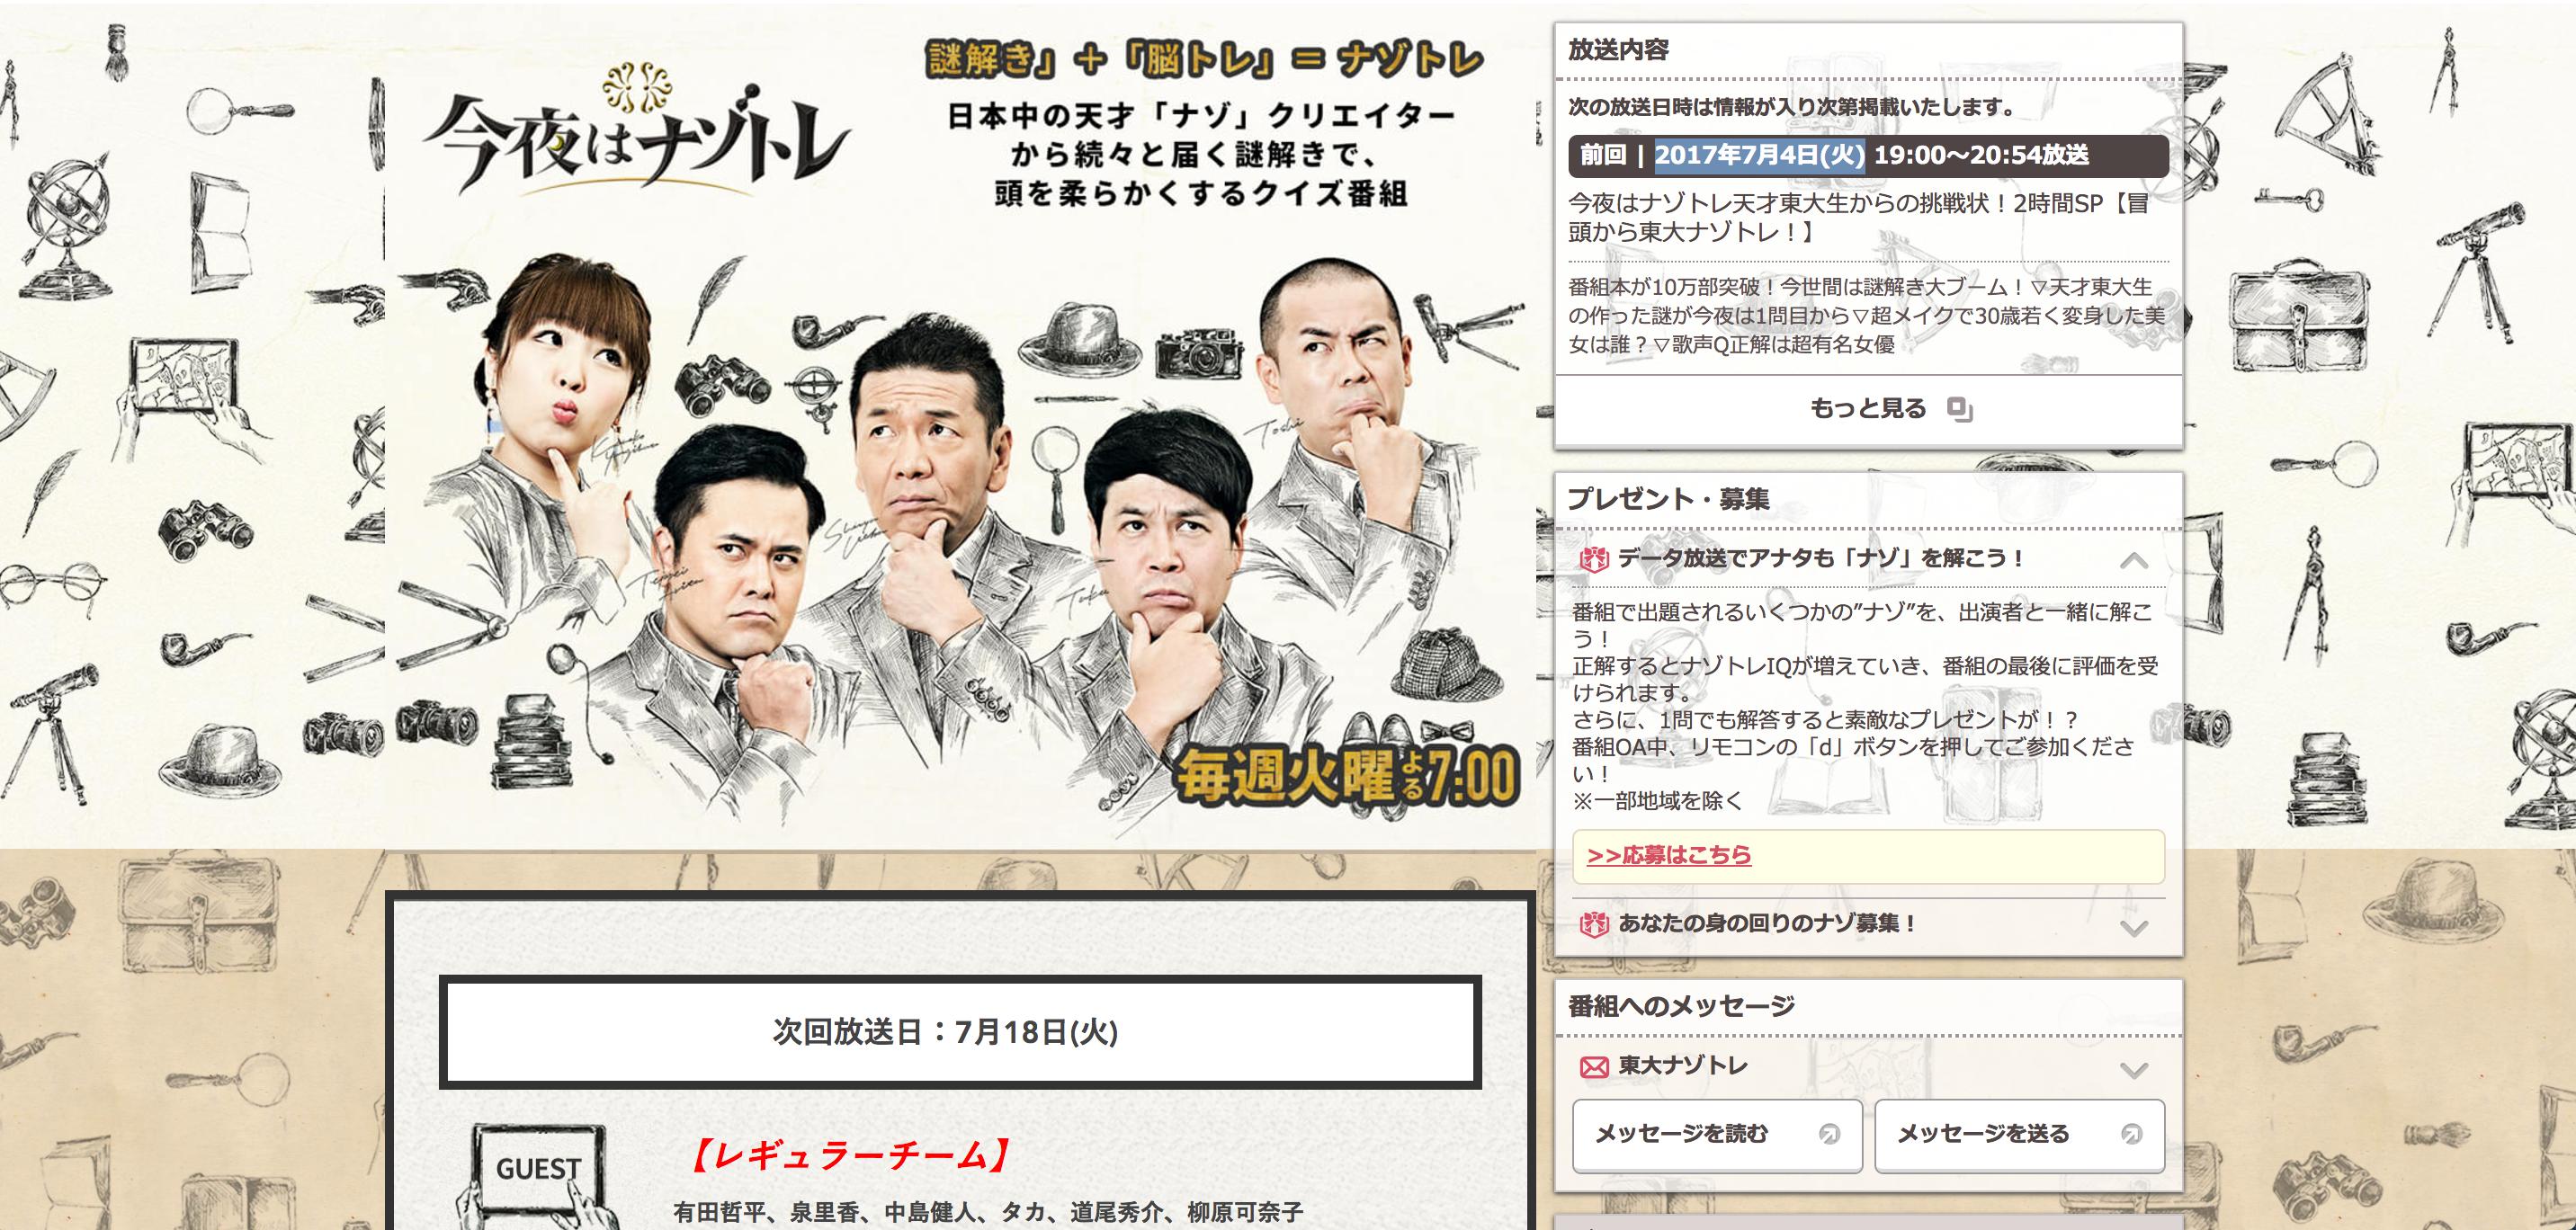 今夜は謎トレ-2017年7月4日(火)放送